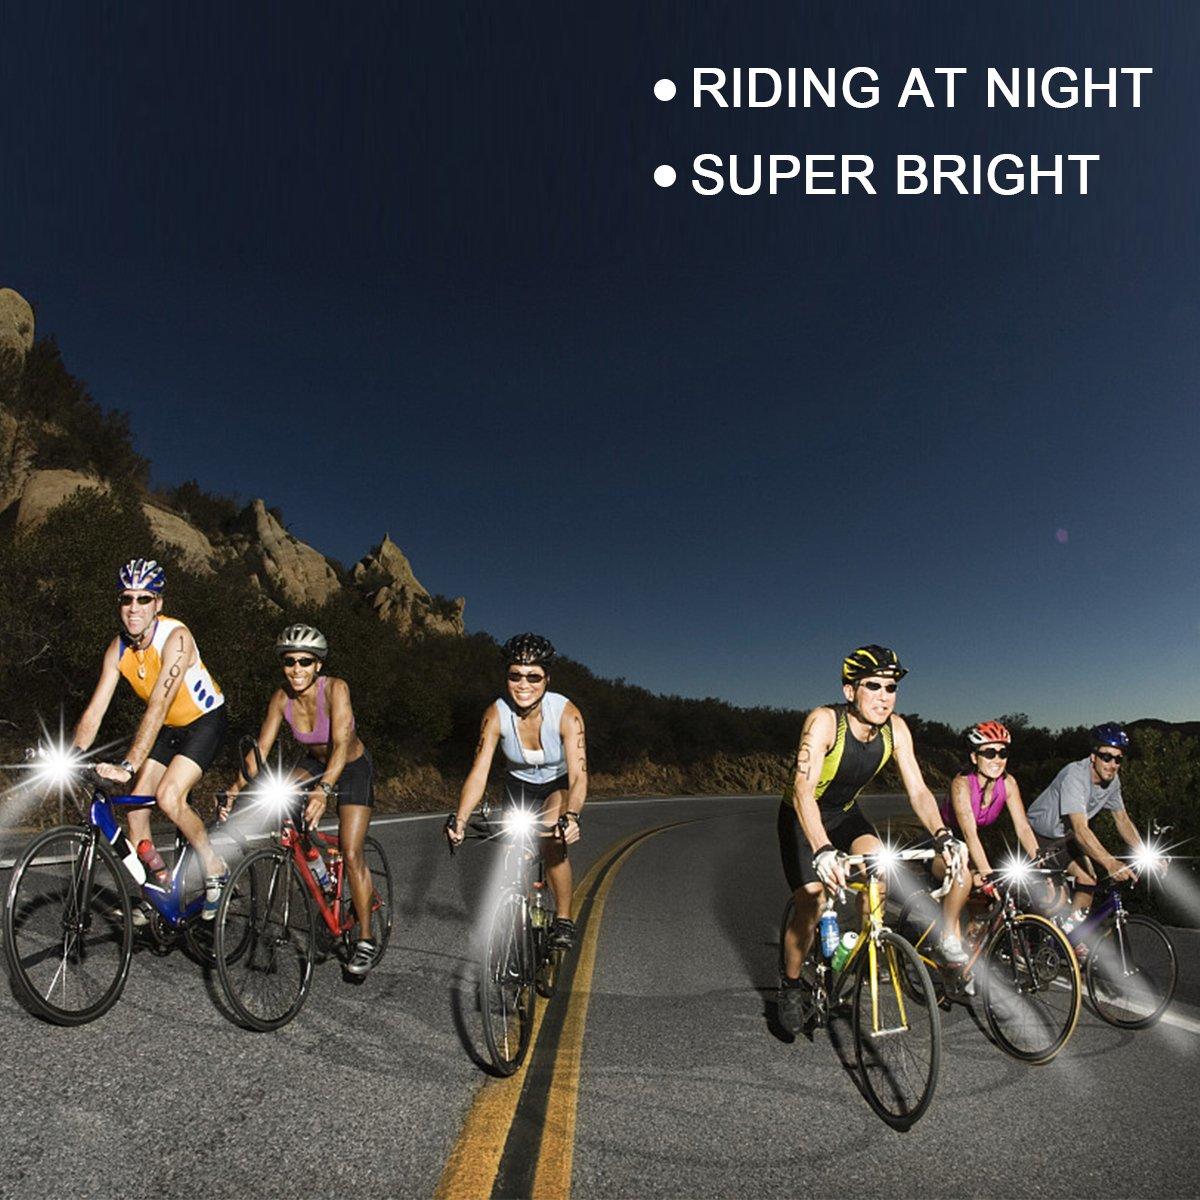 Joylink USB Recargables Bicicleta L/ámpara Brillante Funciona con Energ/ía Solar LED Luz Delantera de la Bici y Luz de la Cola Impermeable Luces Ciclismo Bike Light Set Luces Bicicleta